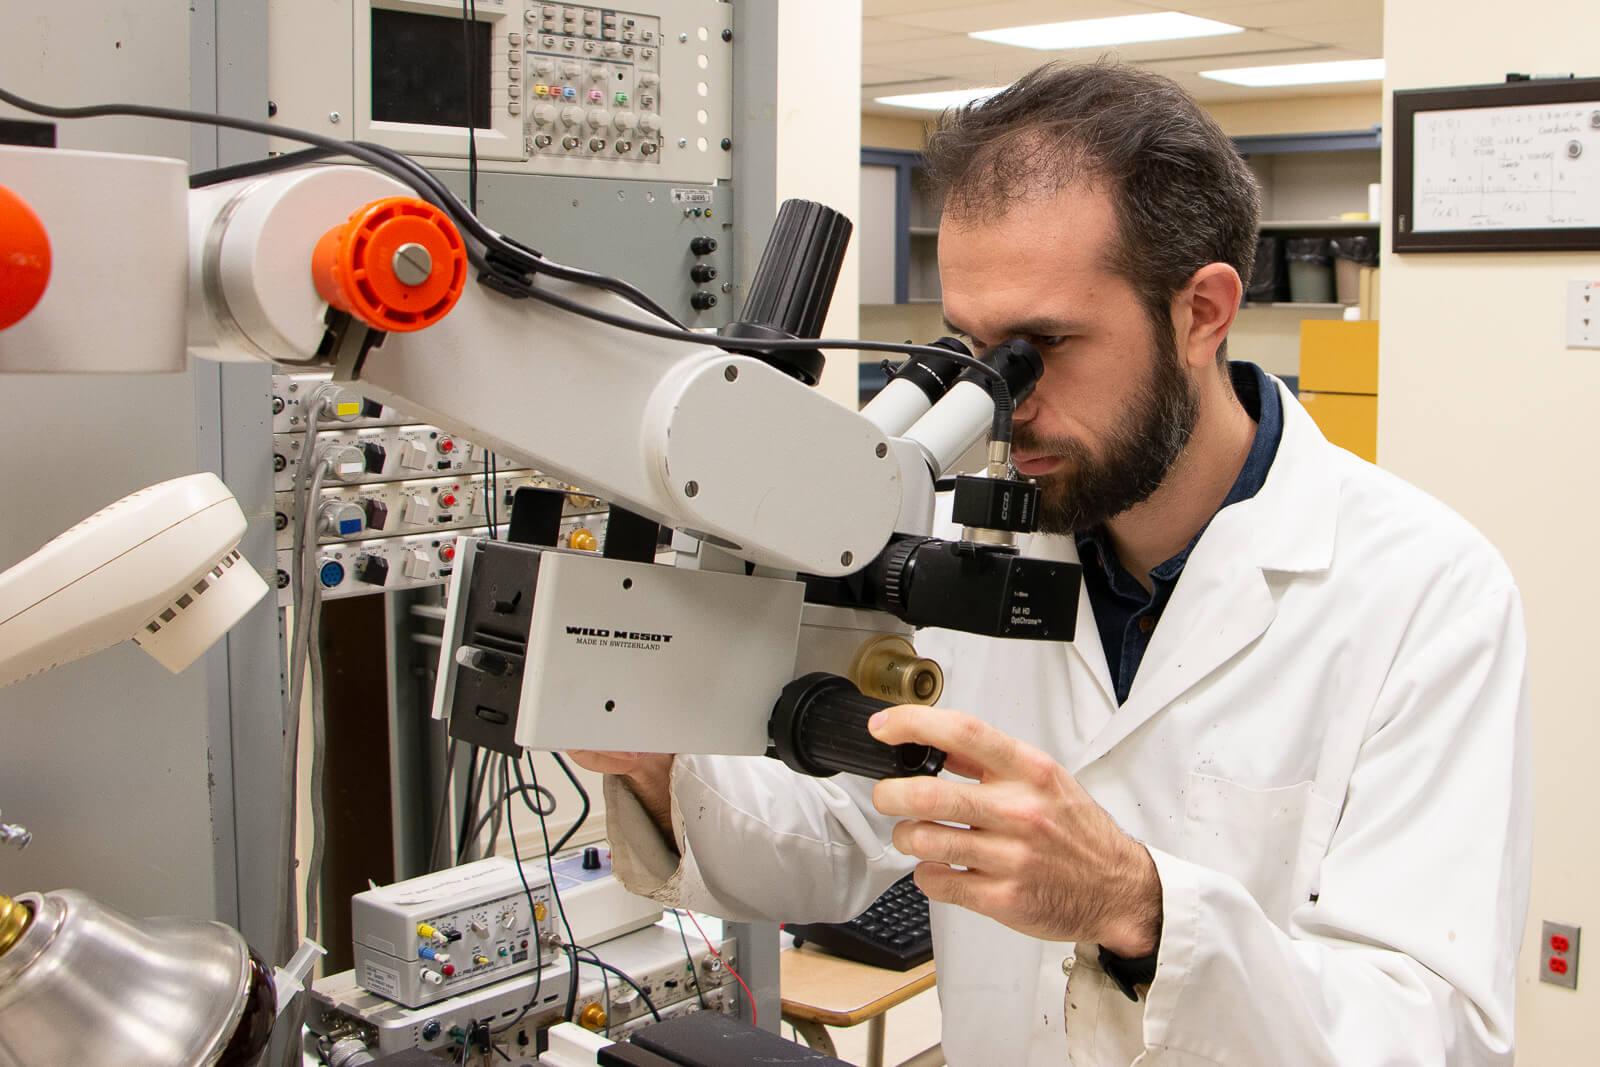 Lésion de la moelle épinière: Thierry Paquette étudie le couplage neurovasculaire